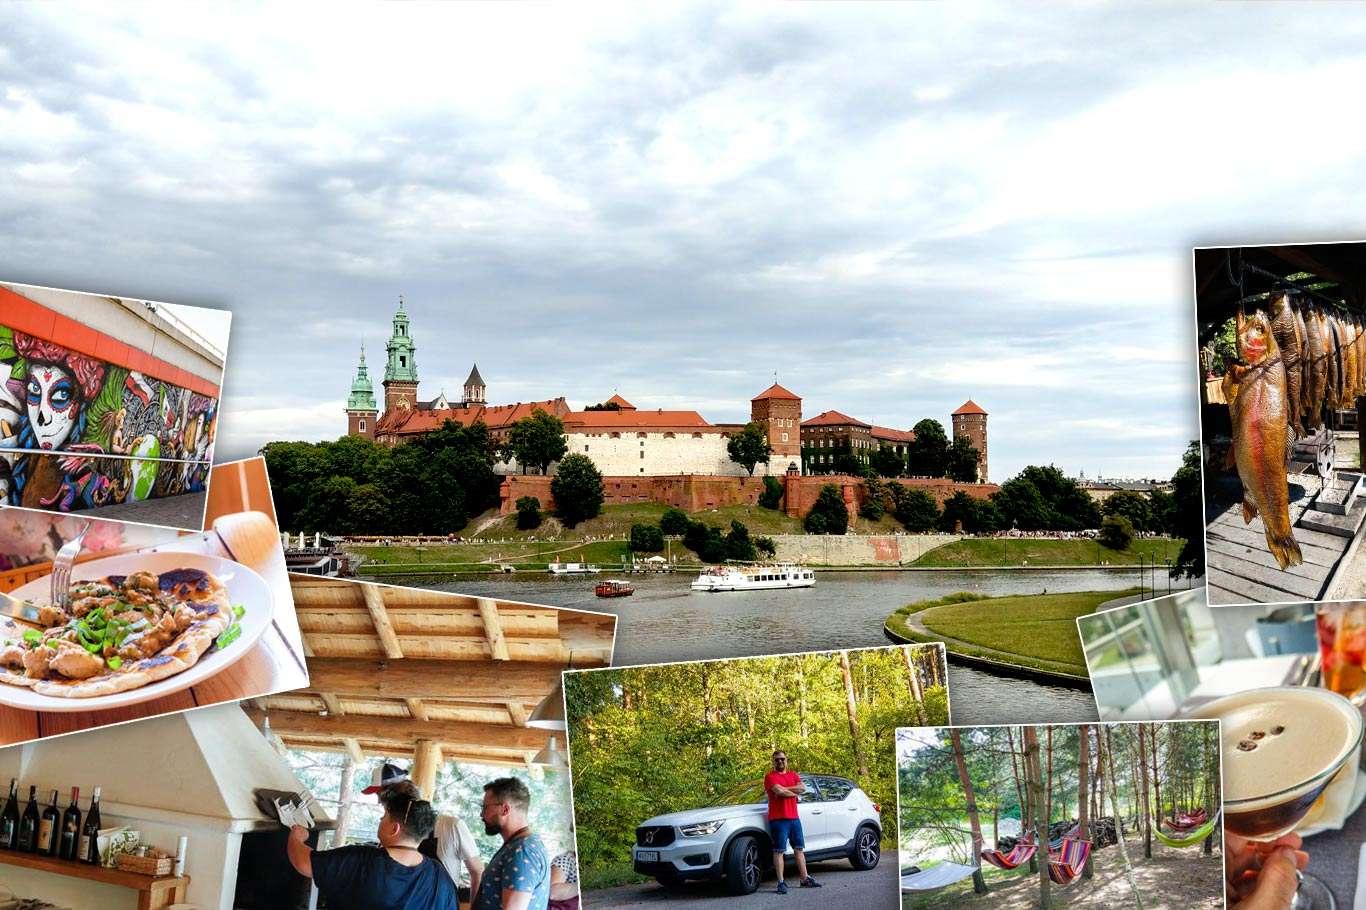 Małopolskie perełki - czyli co zobaczyć i gdzie zjeść w Krakowie i okolicach